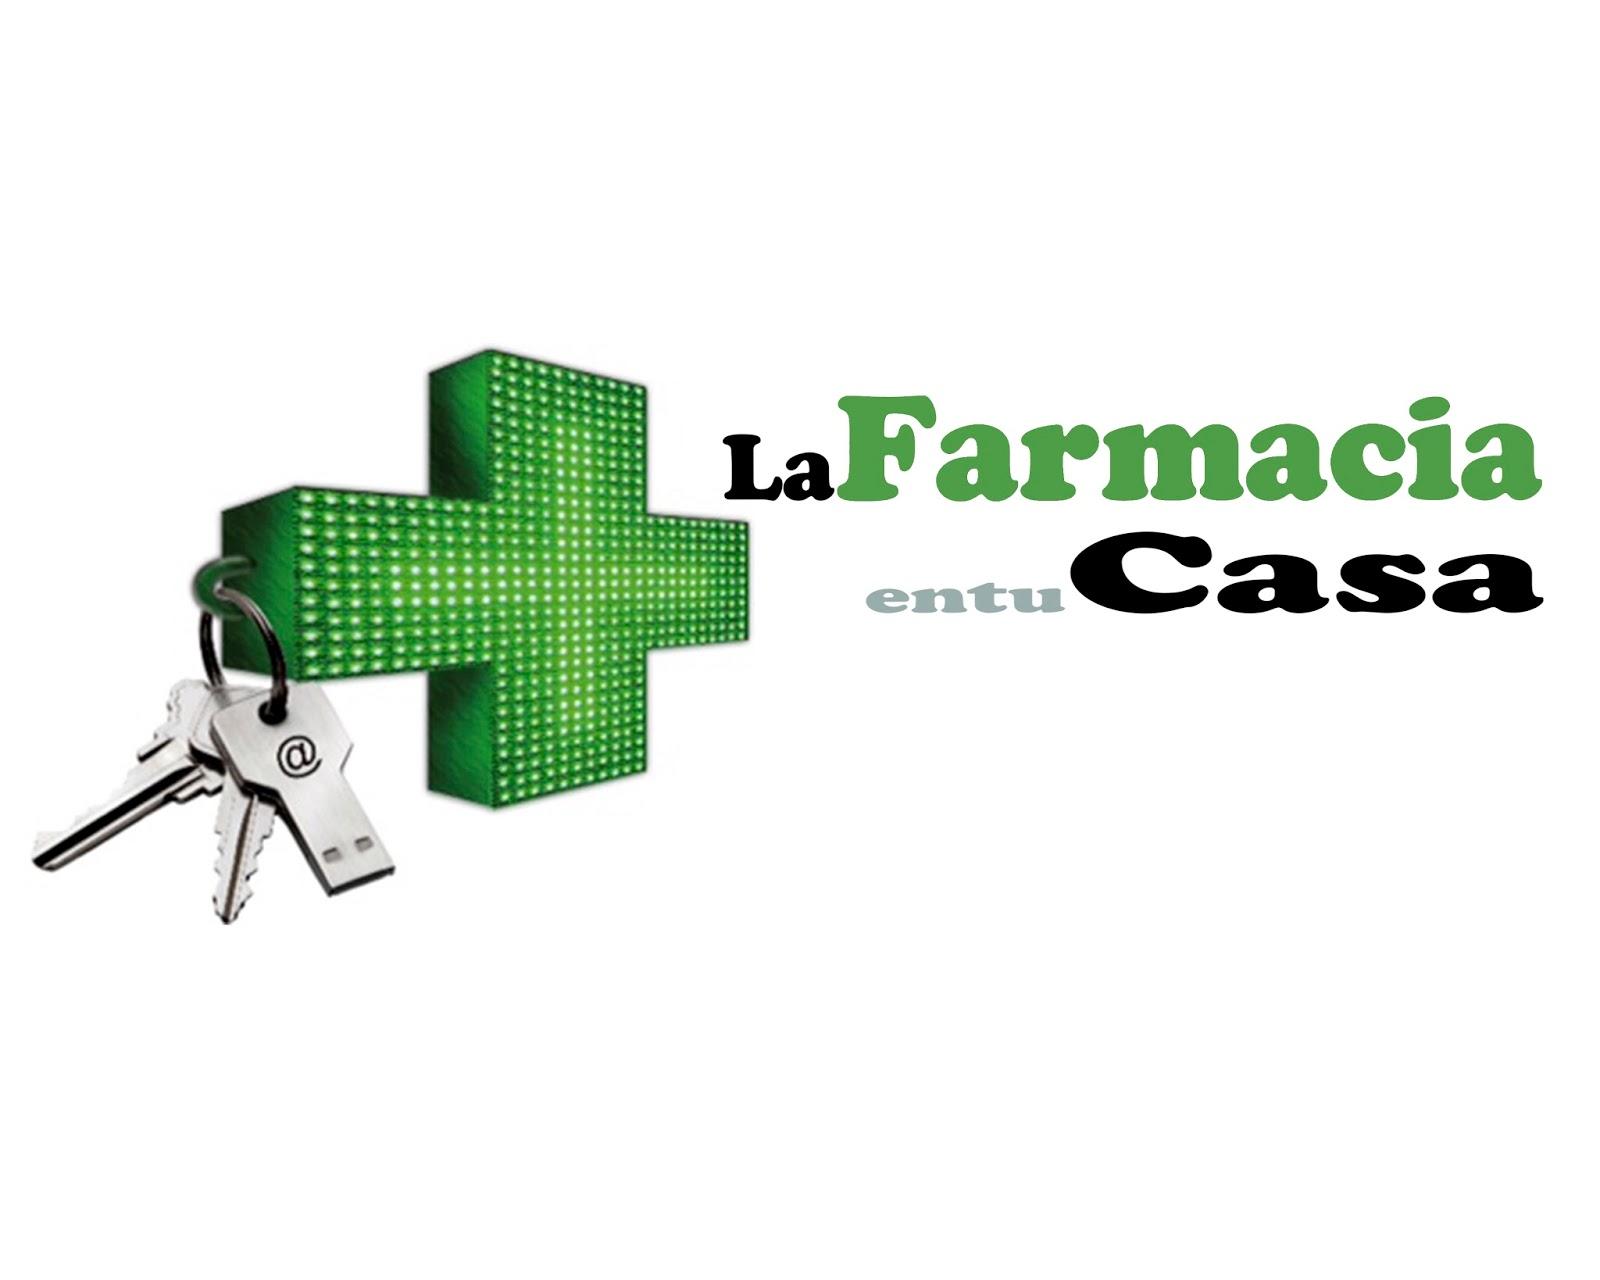 La farmacia en tu casa tu parafarmacia de confianza cabestrillo transpirable para luxaci n - La farmacia en casa ...